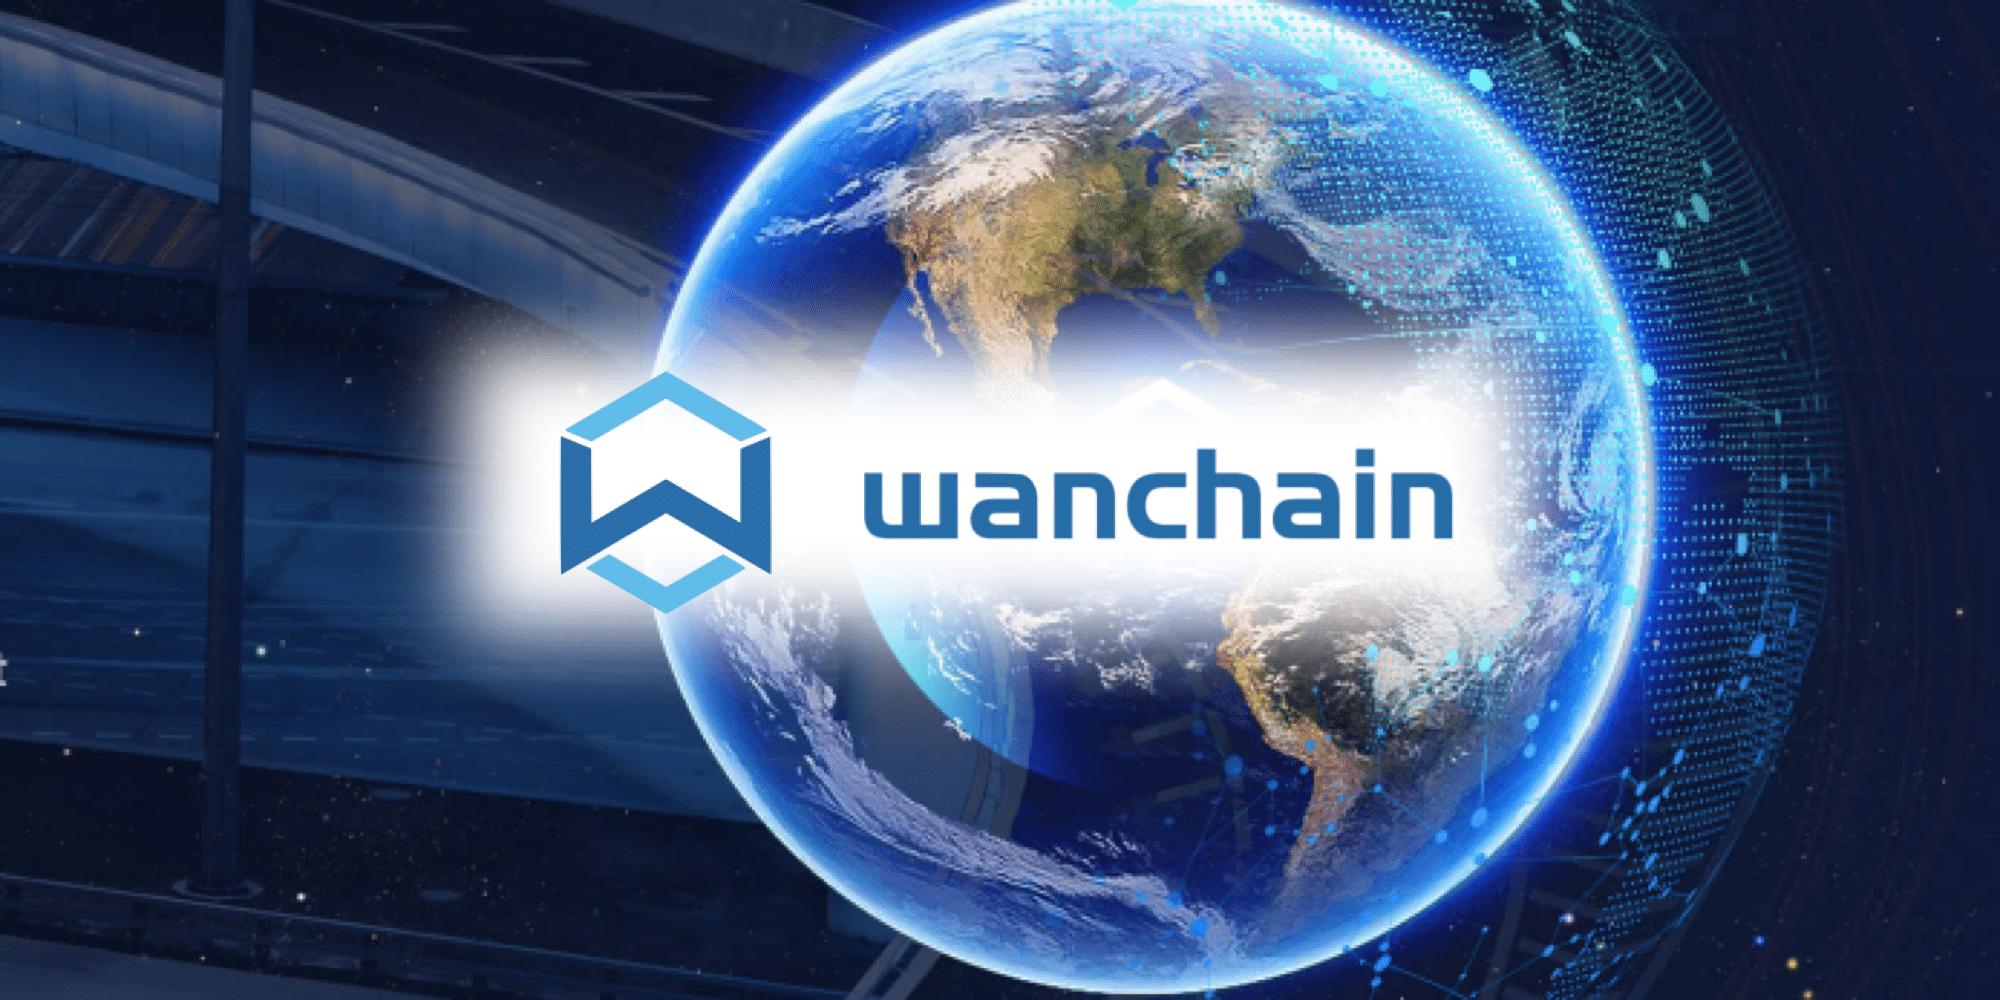 Wanchain integruje Polkadot do swojej międzyłańcuchowej infrastruktury